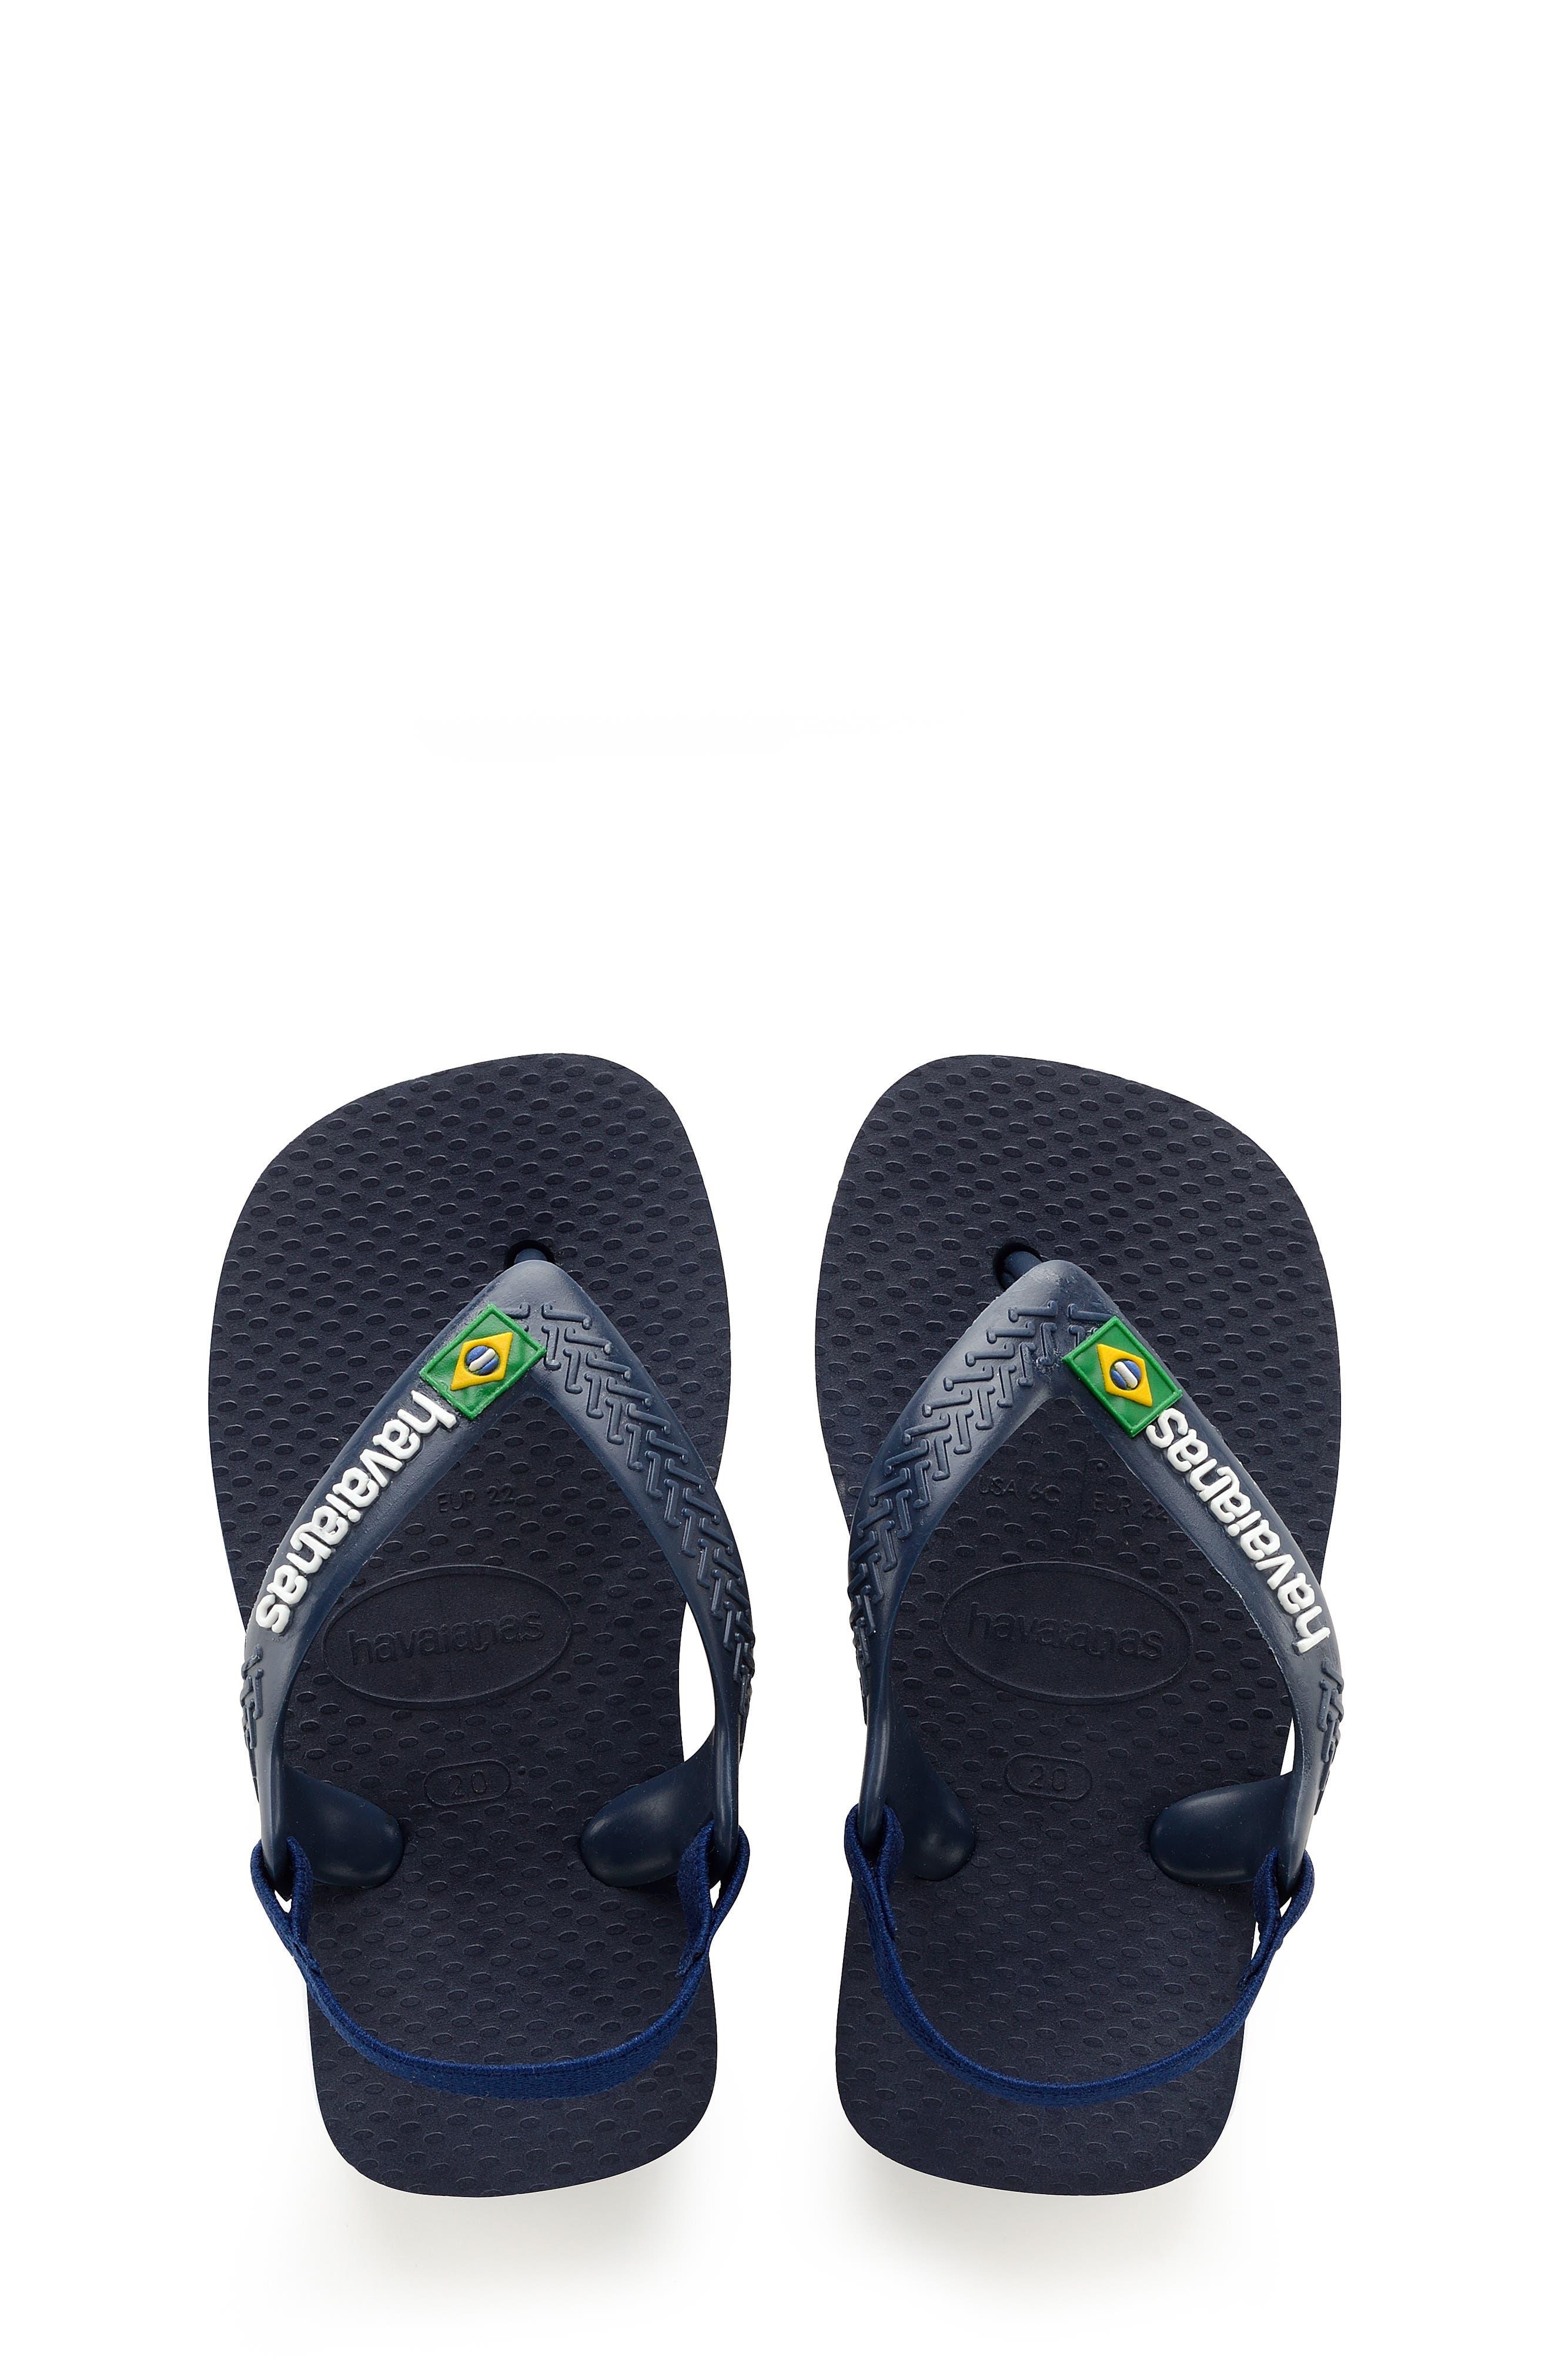 62251096f4a5 Girls  Flip-Flop Shoes